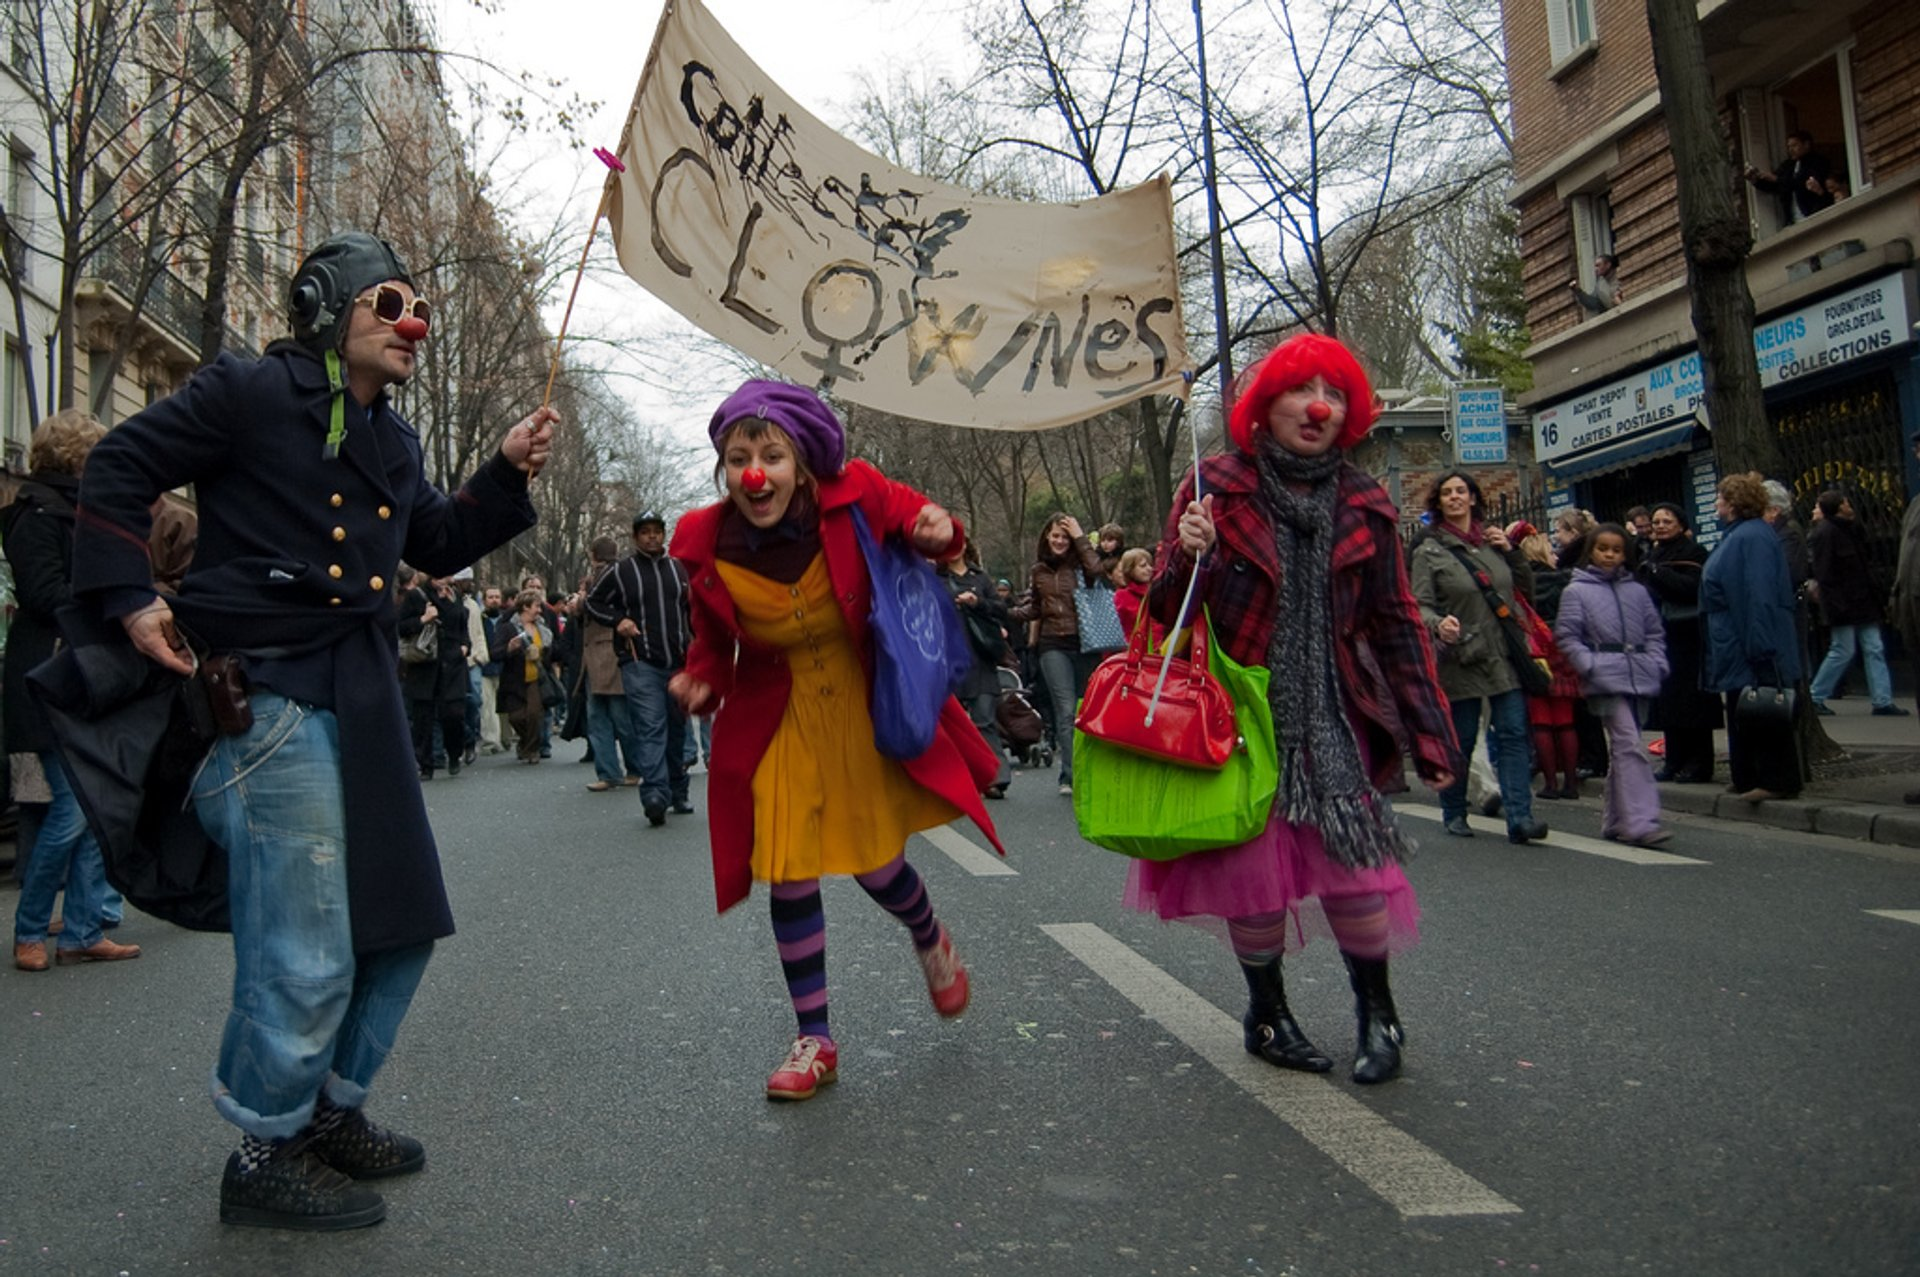 Carnaval de Paris and Carnaval des Femmes in Paris 2020 - Best Time